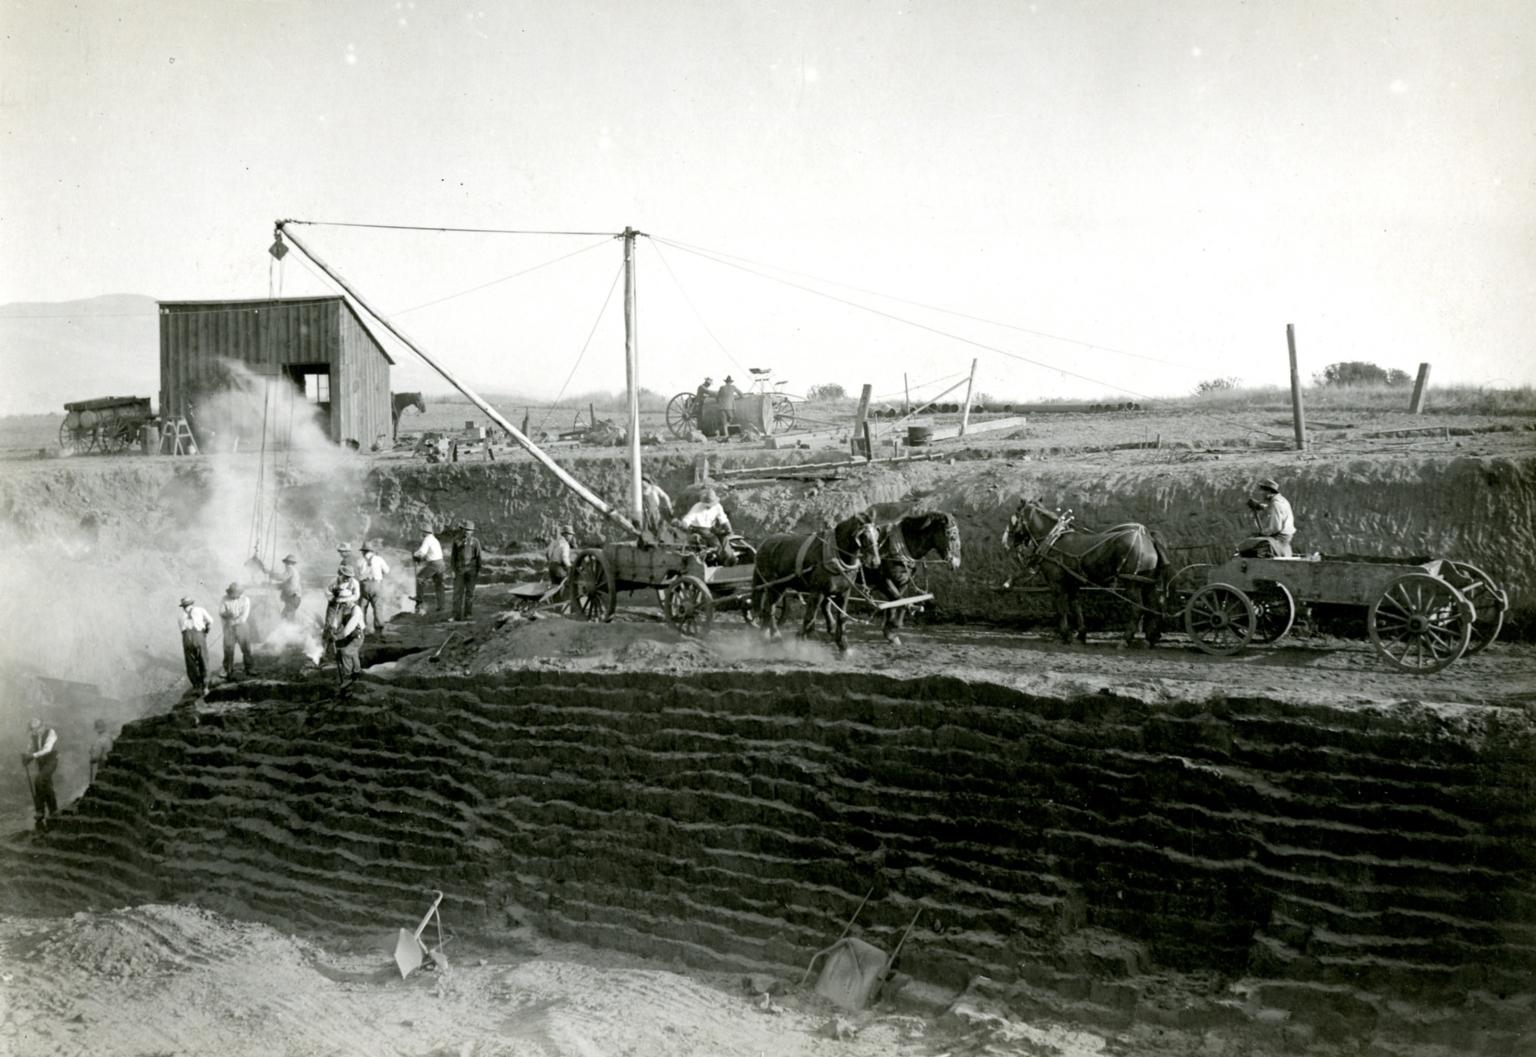 Carpinteria Asphaltum Mine